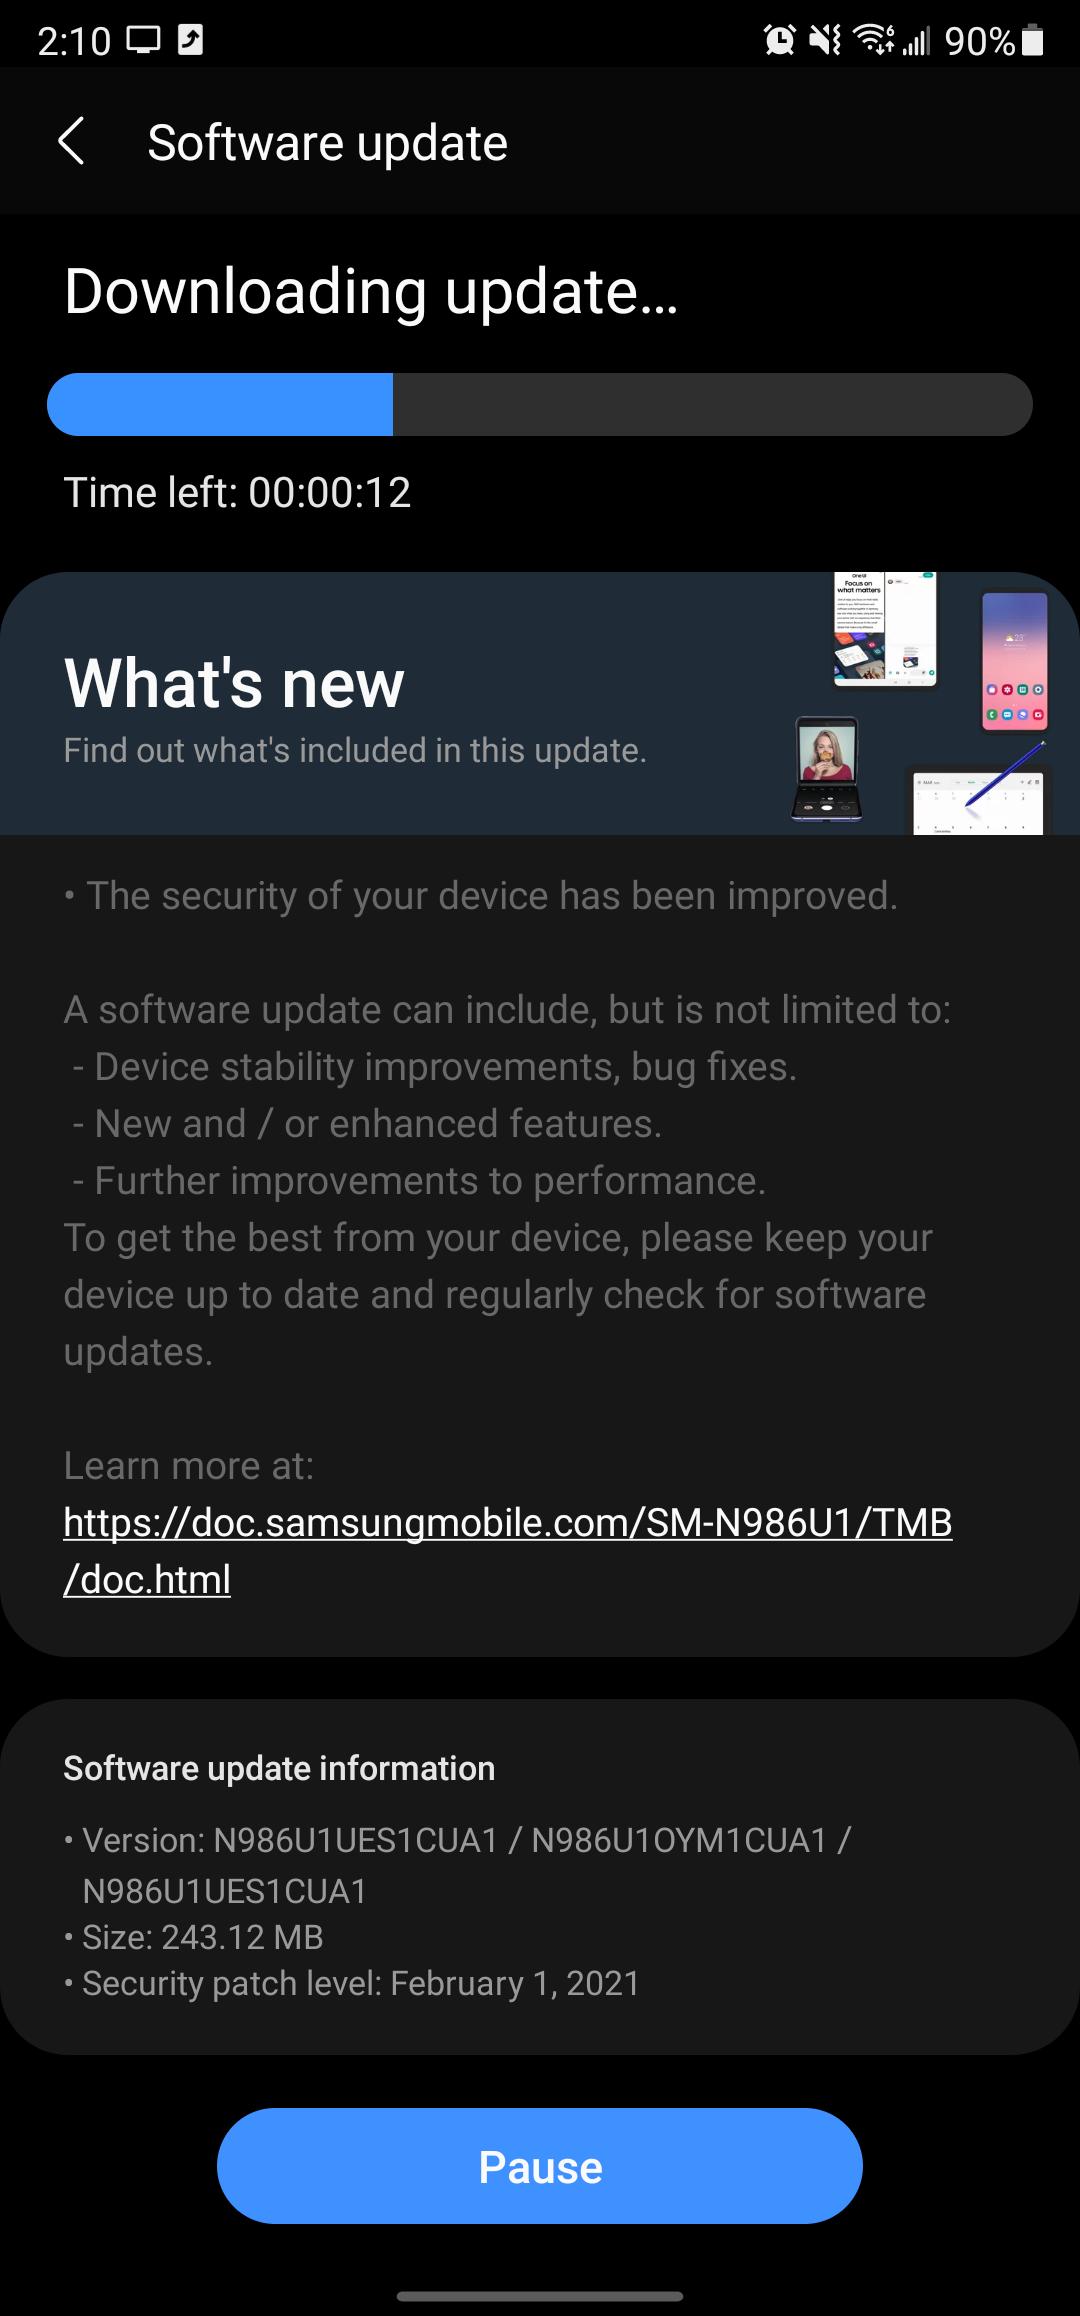 Screenshot_20210202-021022_Software update.png